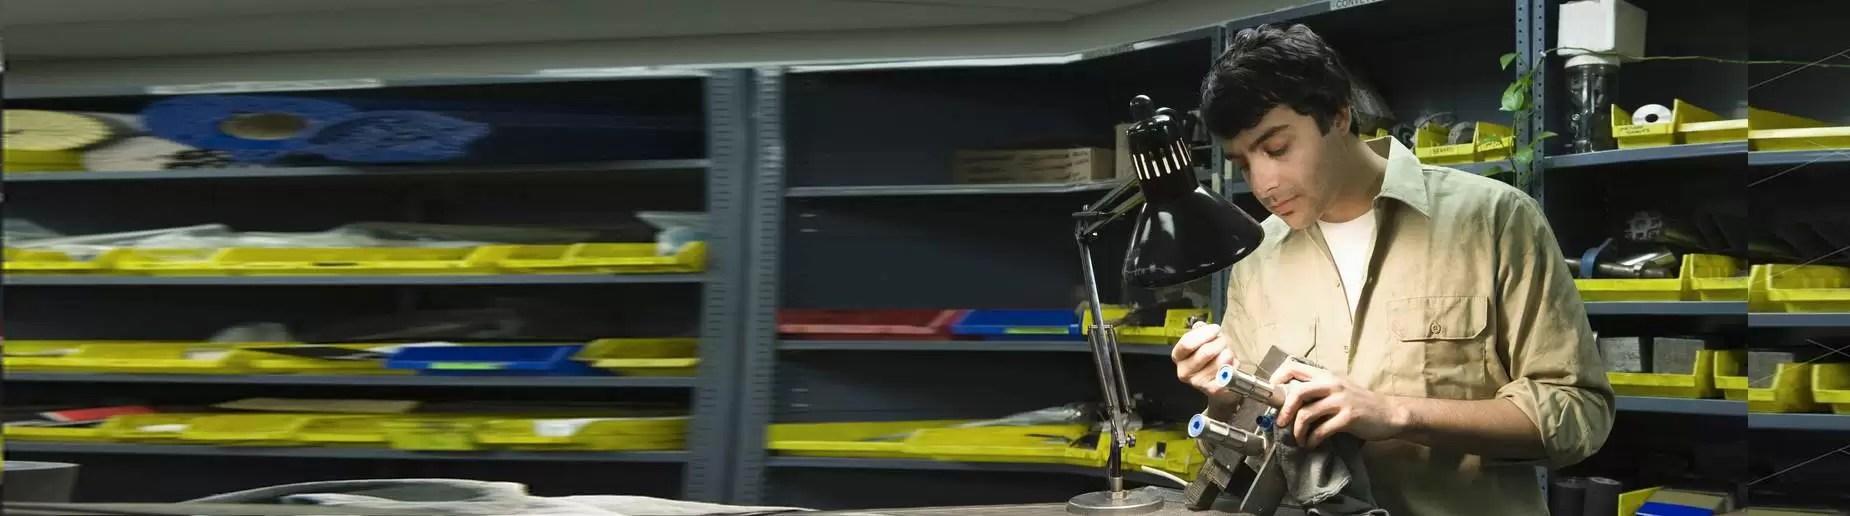 כסאות גלגלים | כיסאות רחצה | כיסאות סיעוד